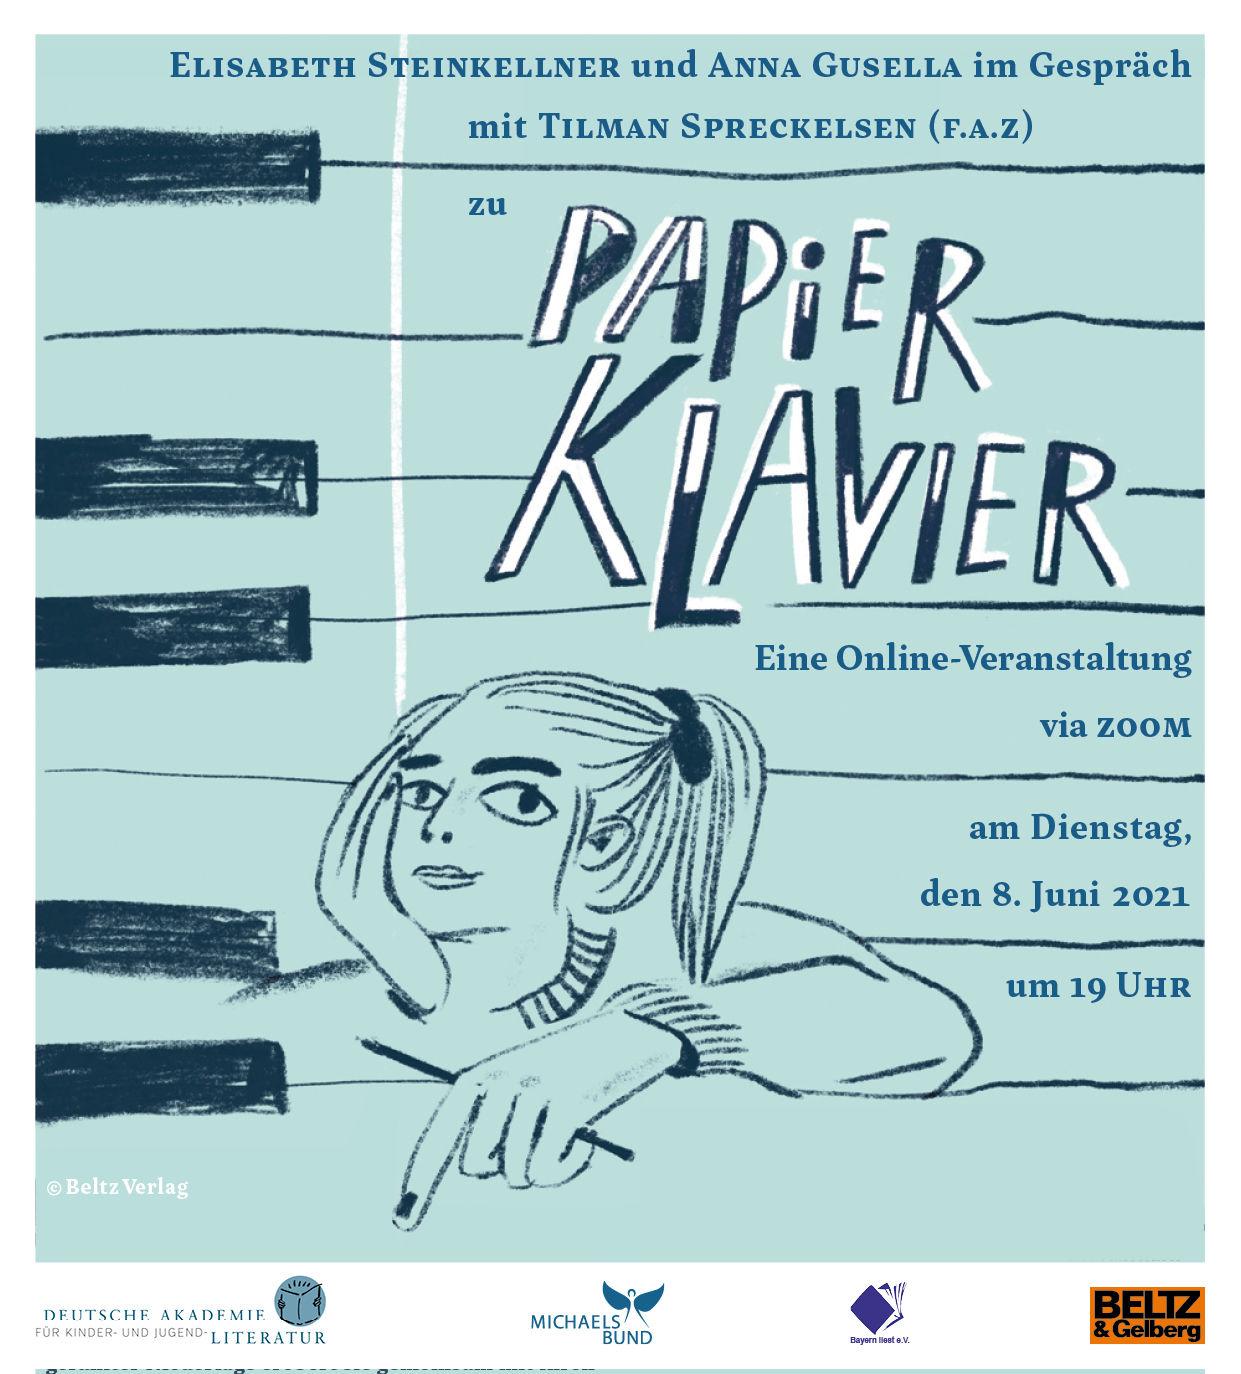 """Online-Veranstaltung """"Papierklavier"""" mit Elisabeth Steinkellner, und Anna Gusella mit Tilman Spreckelsen (08.06.2021)"""